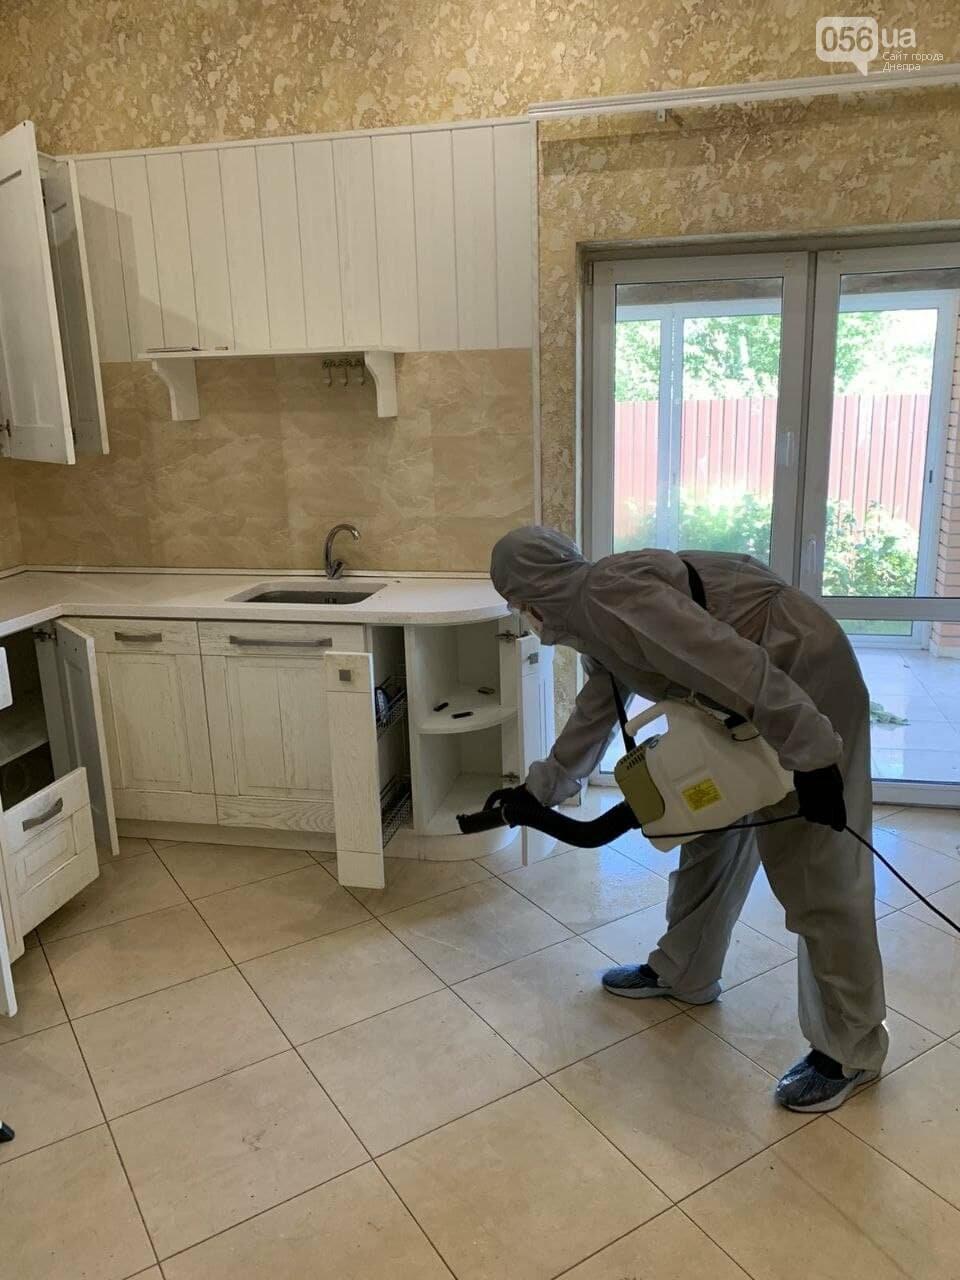 Где заказать уборку дома или квартиры в Киеве?, фото-5